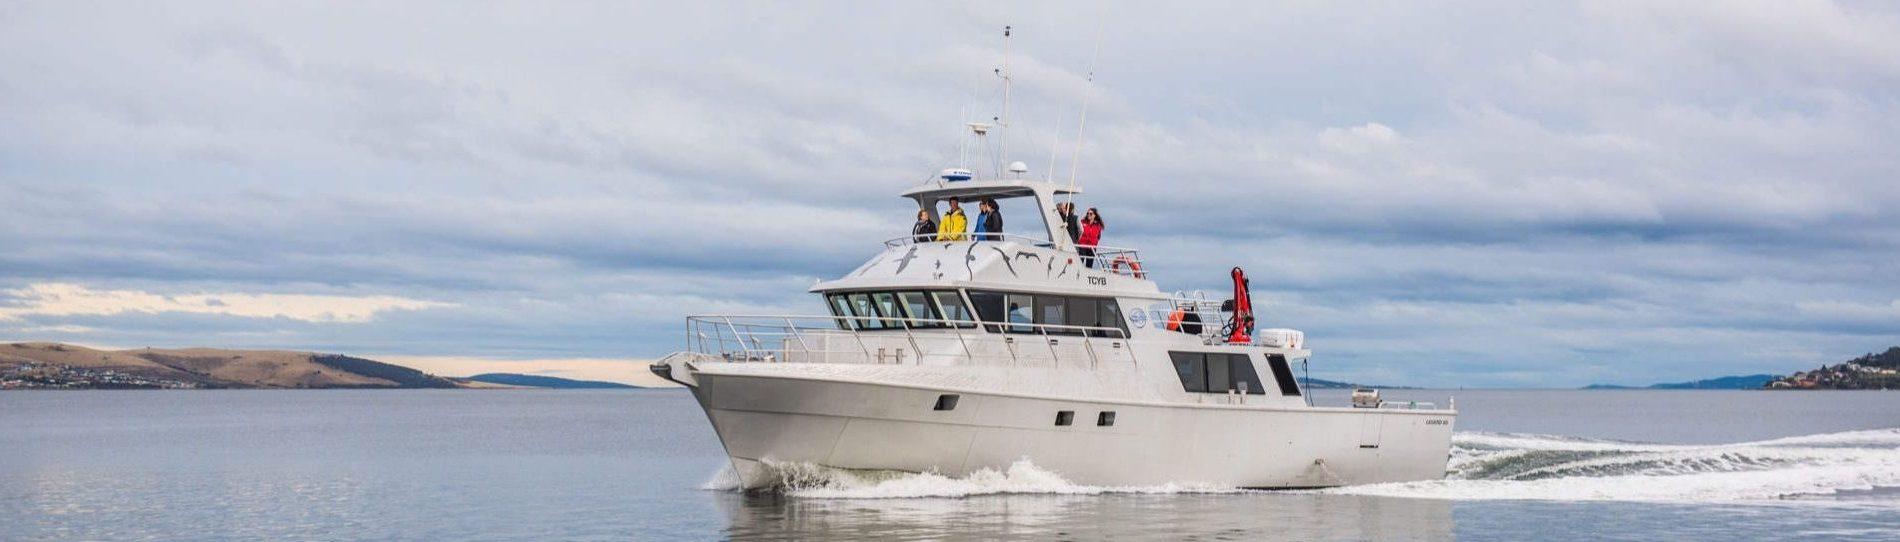 hobart wicked bucks boat package